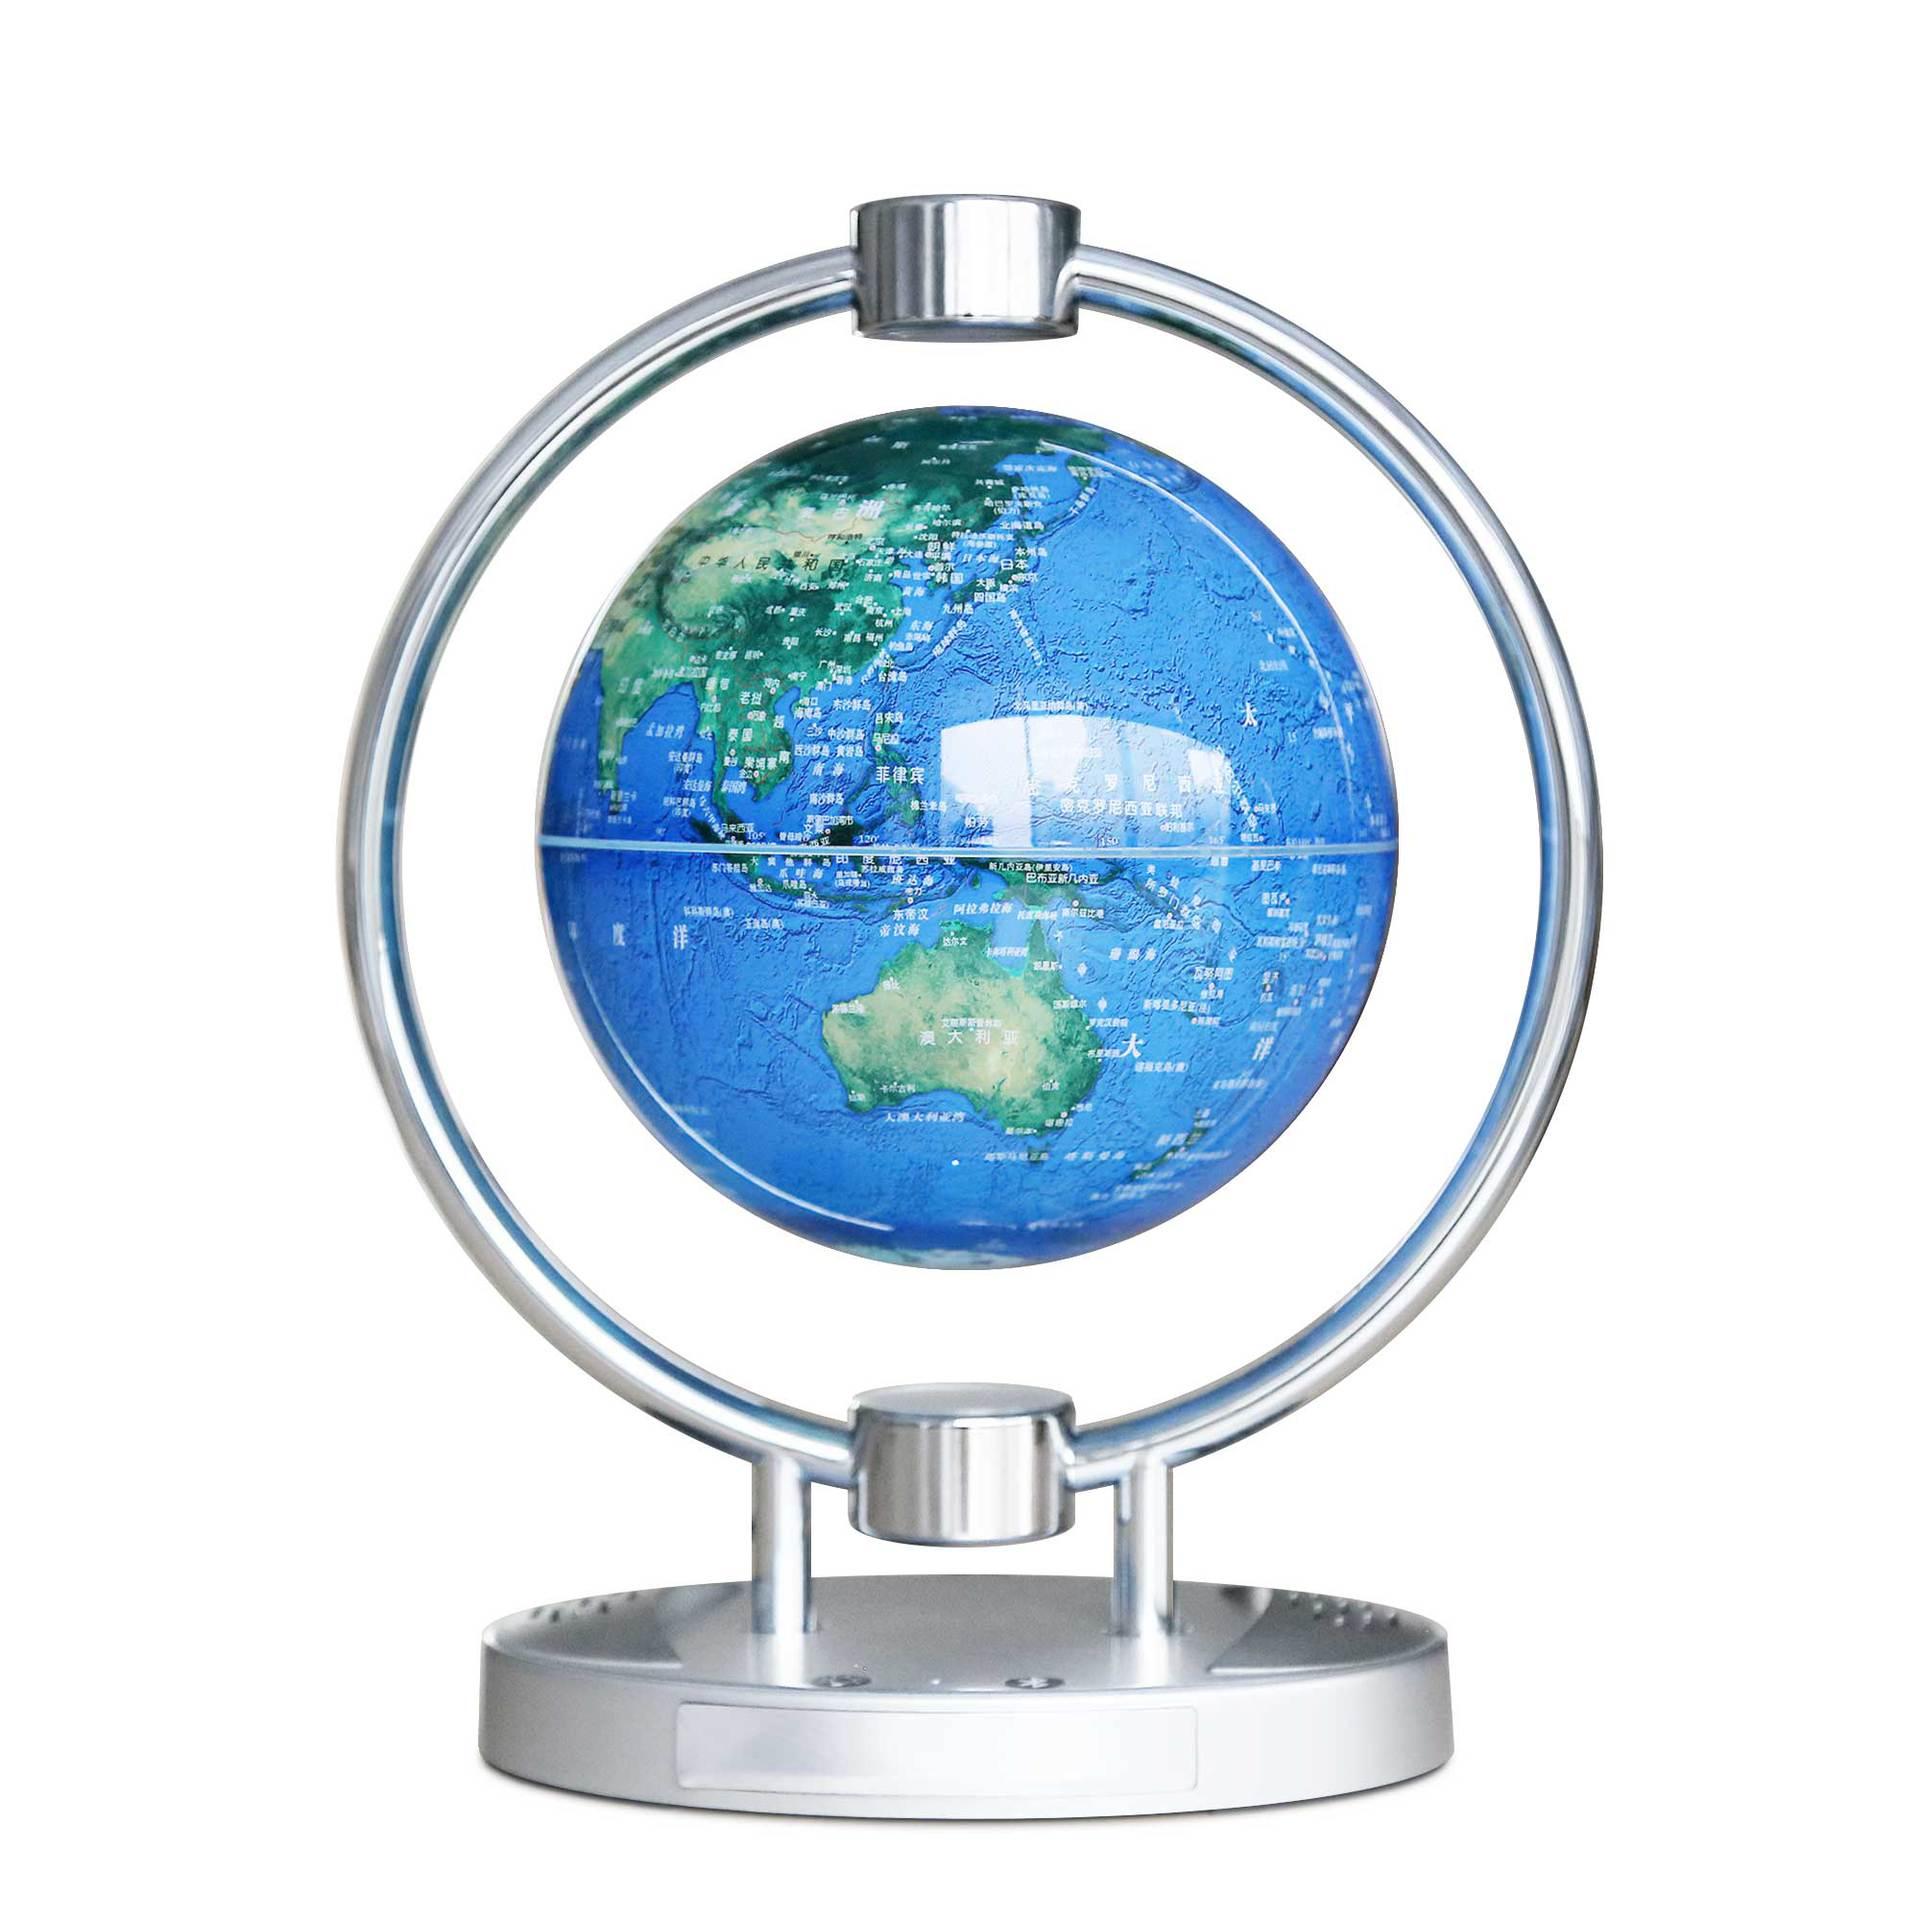 Магнитный левитационный Плавающий глобус, 6 антигравитационная карта мира Созвездие спиннинг шар с сенсорным управлением светодиодный светильник, креативный - 2